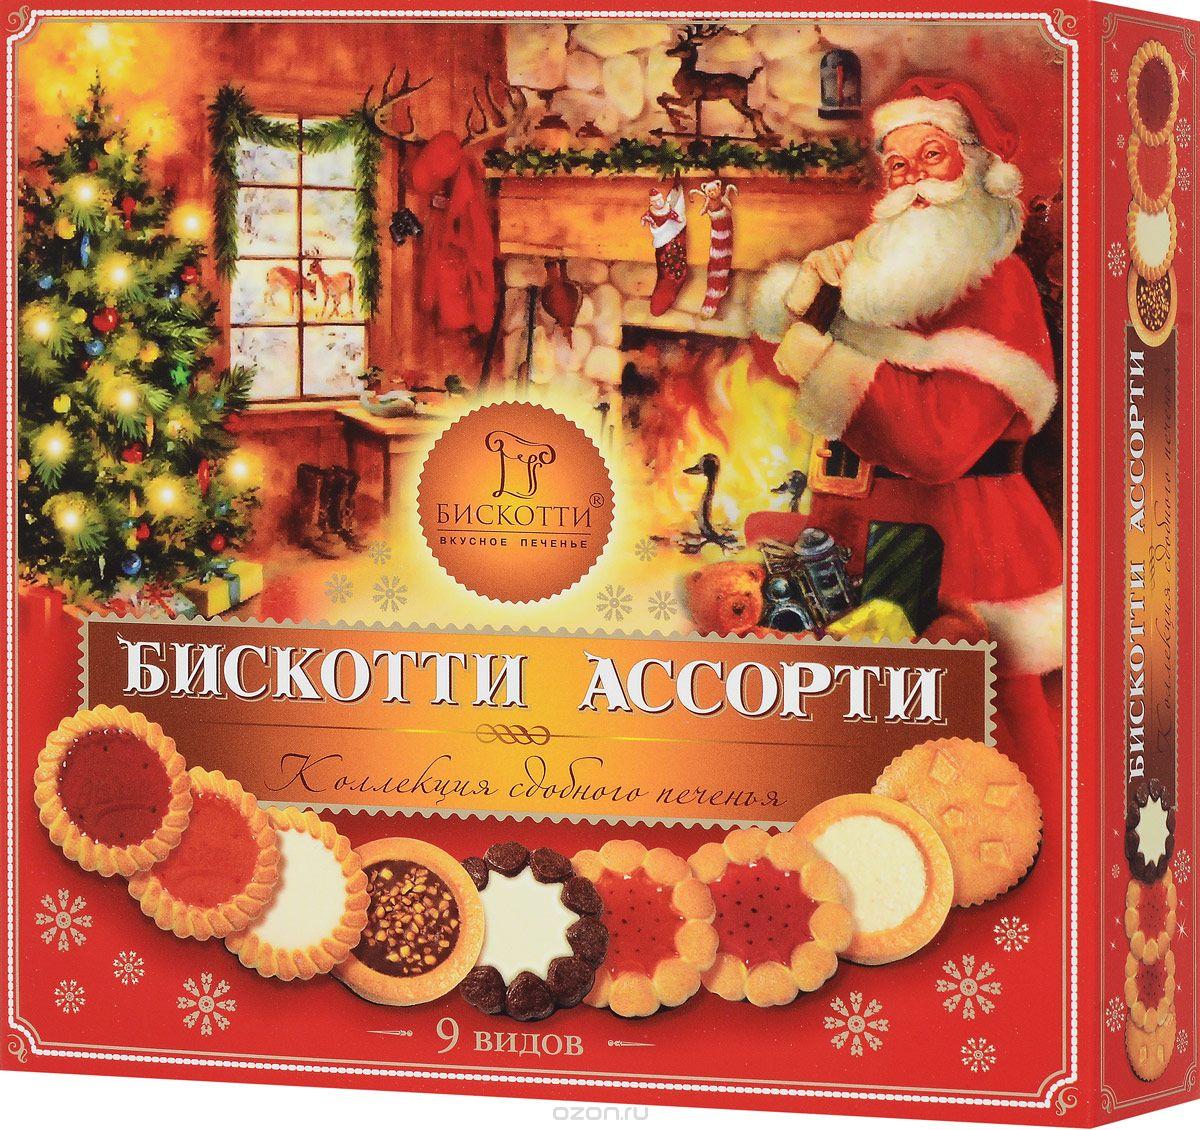 Бискотти Ассорти печенье сдобное, 345 г пекур печенье сдобное с ароматом топленого молока 280 г